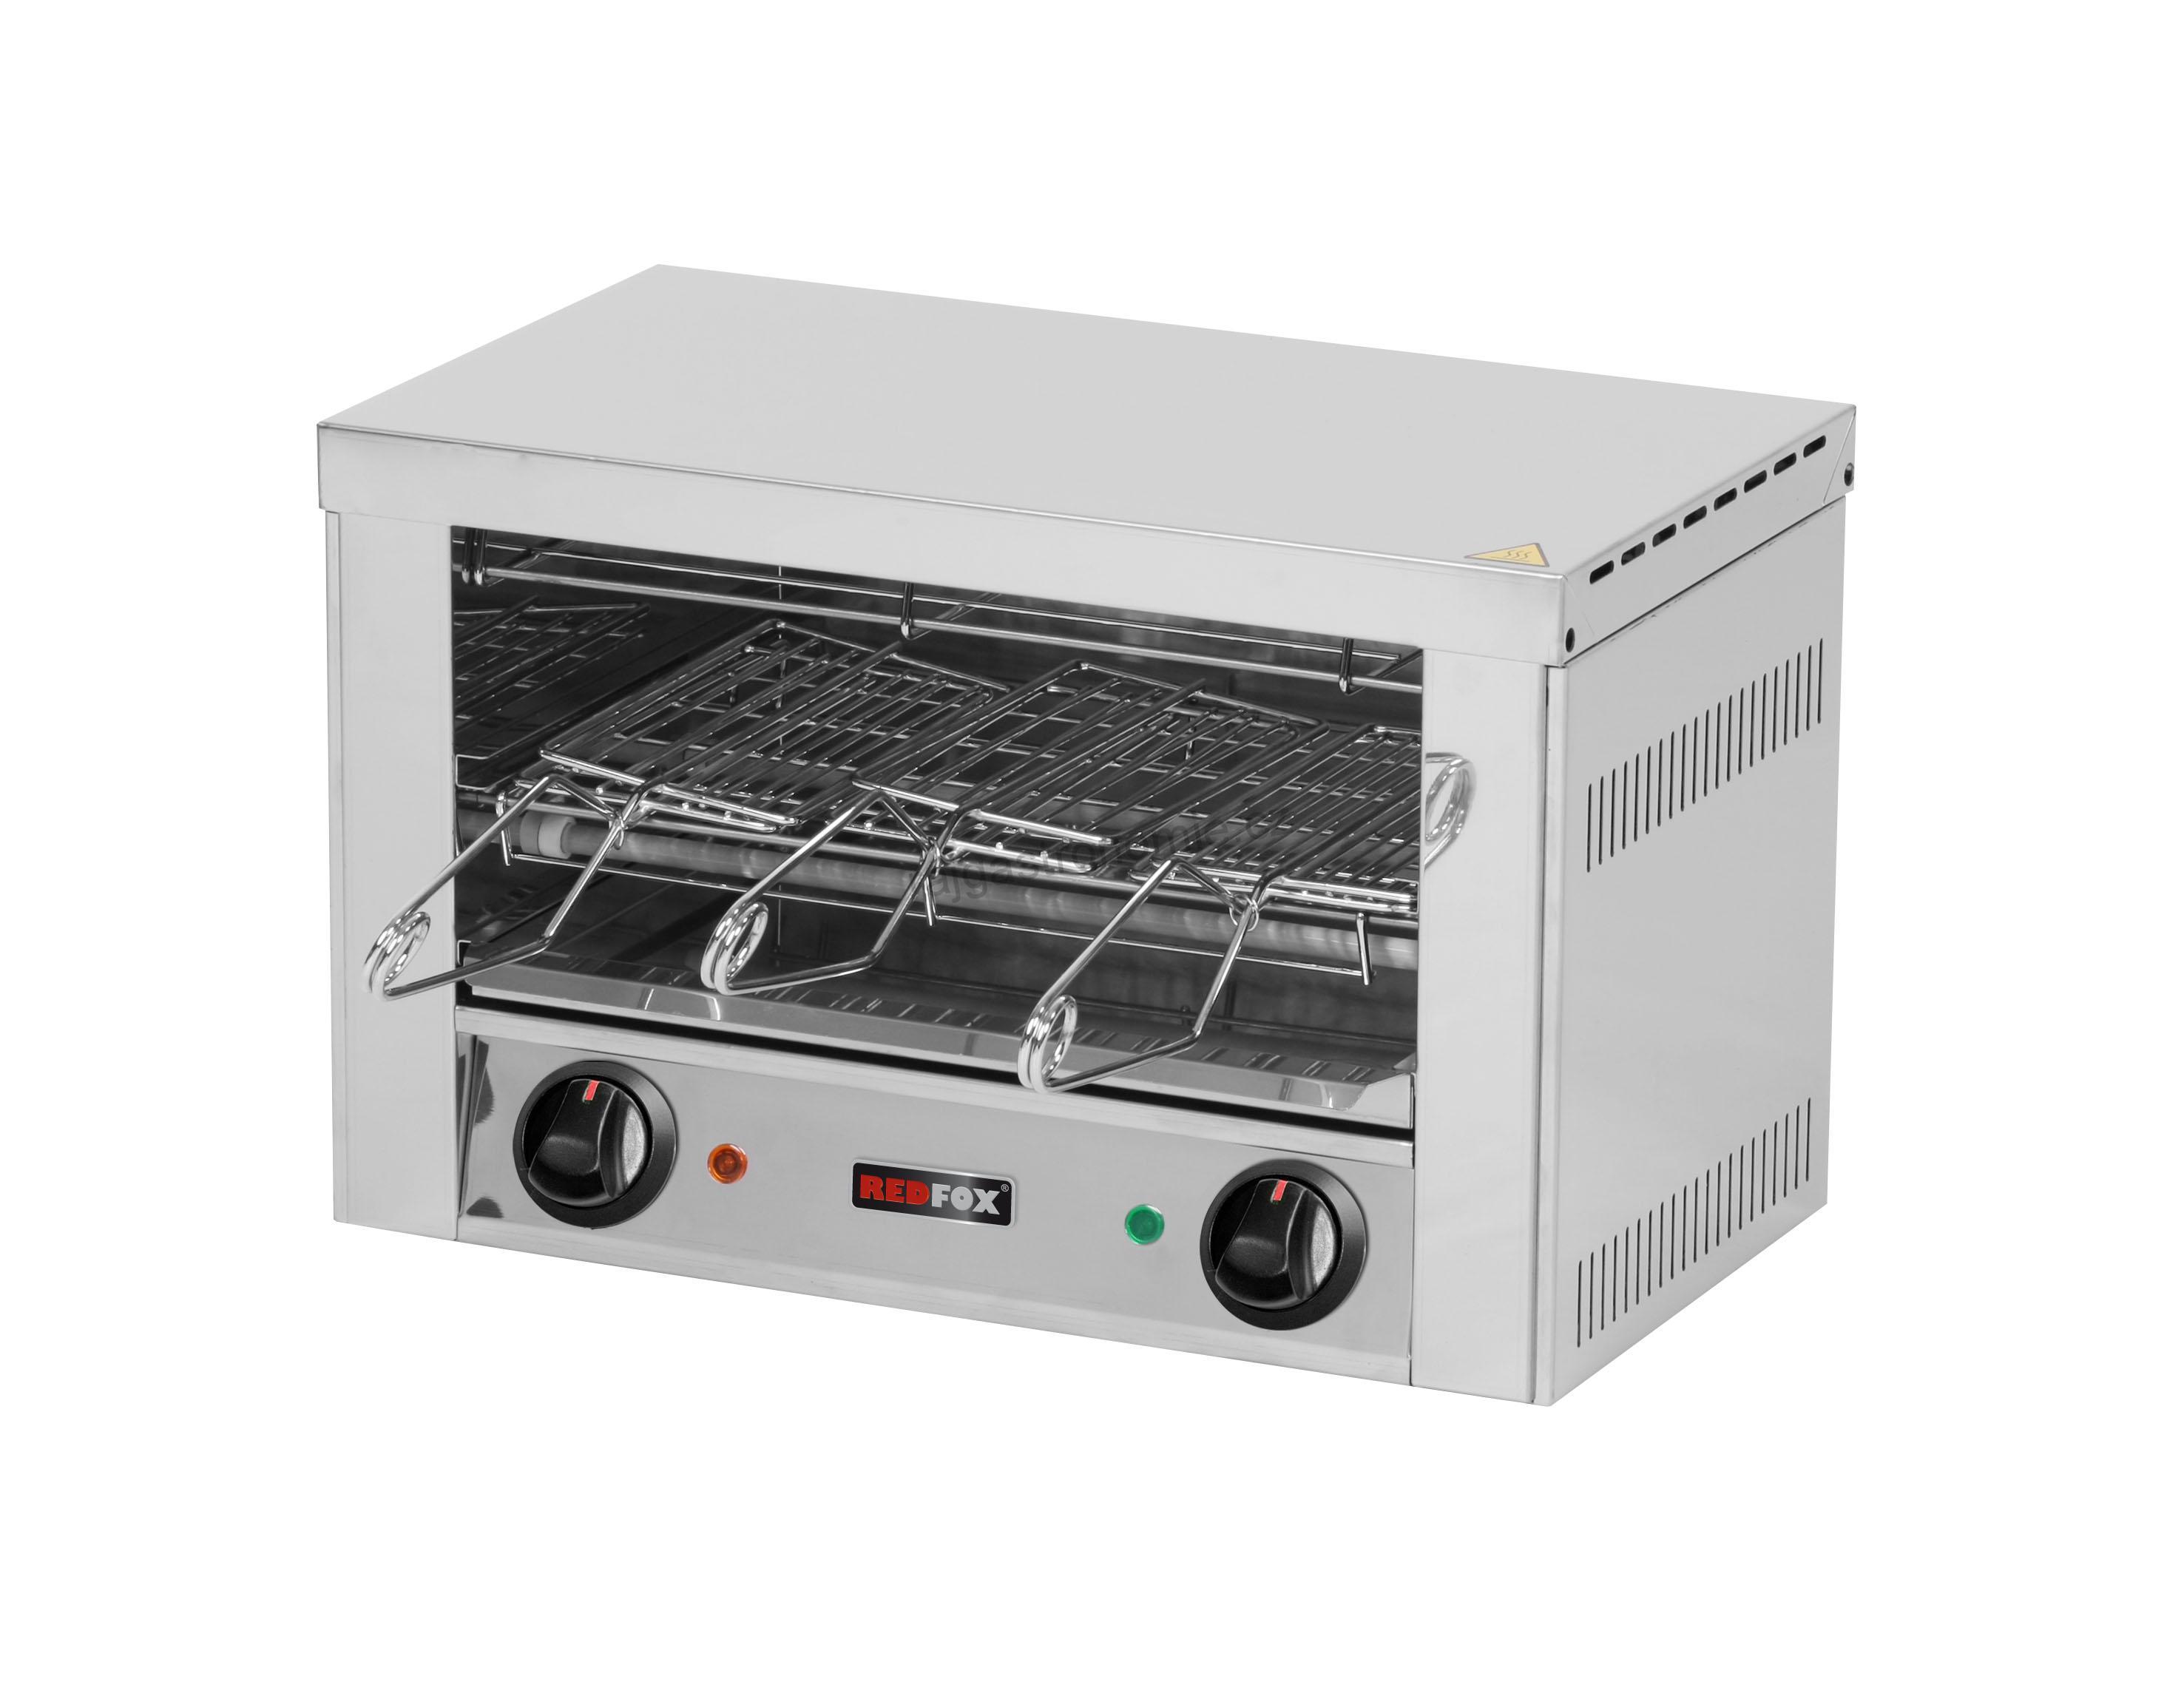 Toaster 3x kleště, rošt TO 930 GH